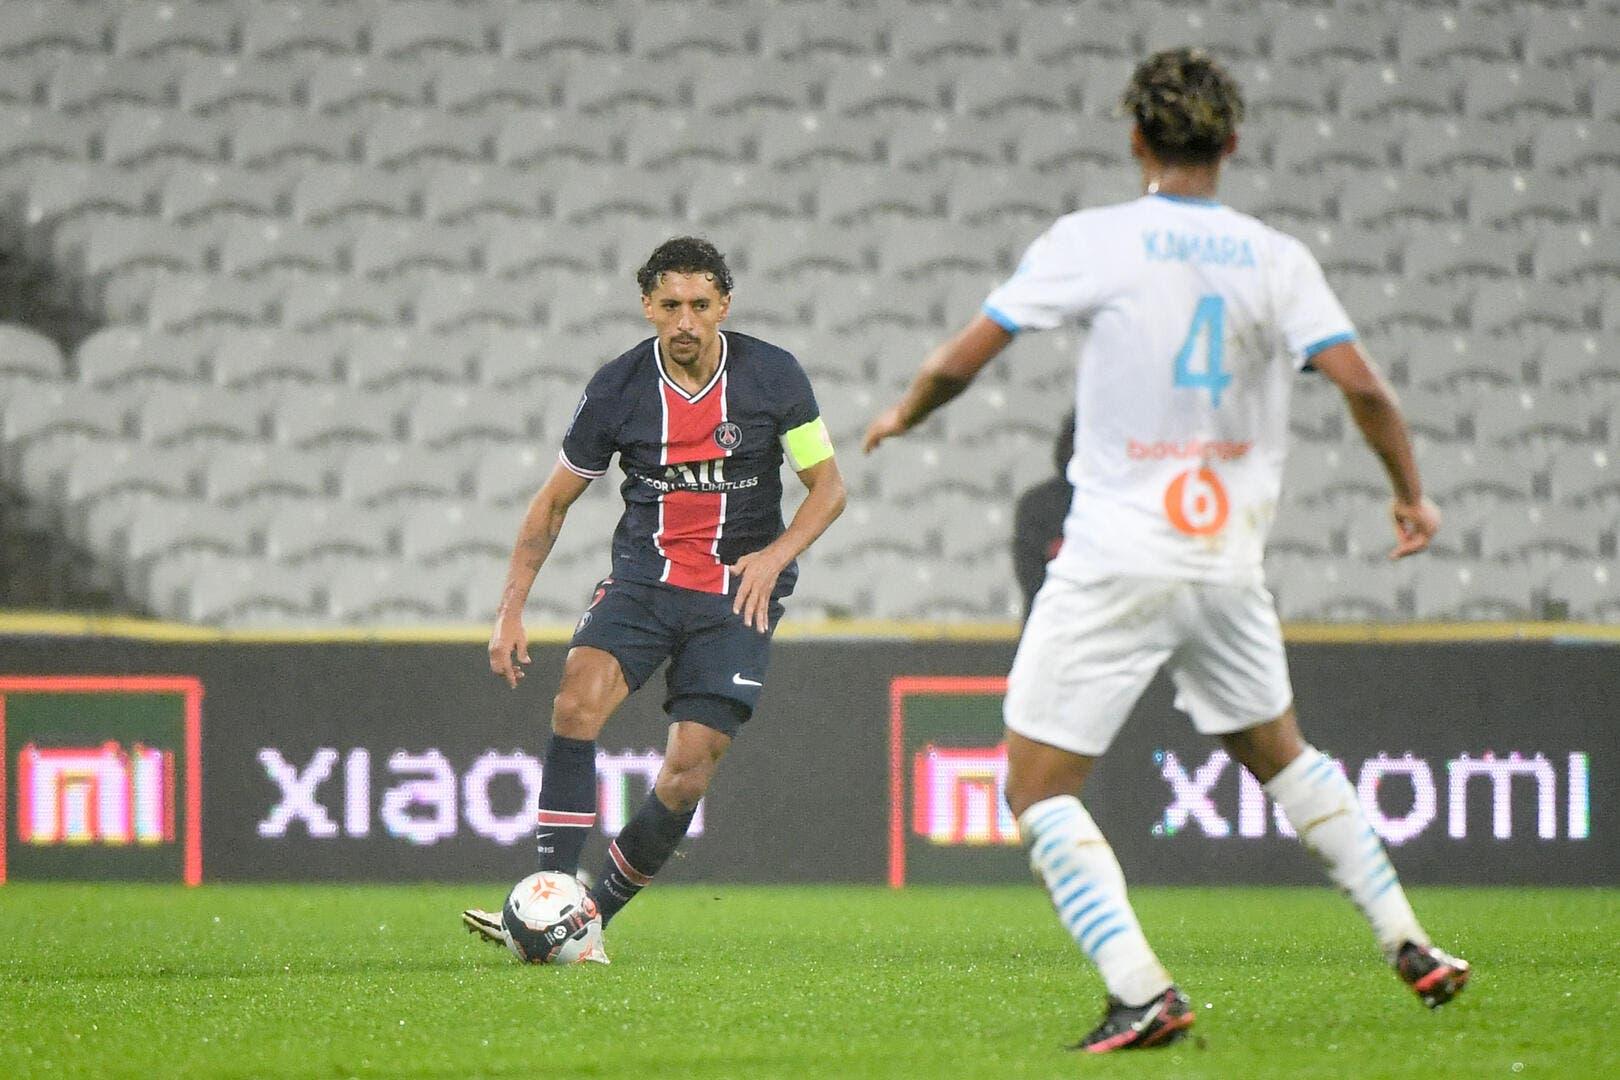 PSG : La fête à l'OM, Marquinhos leur pardonne - Foot01.com